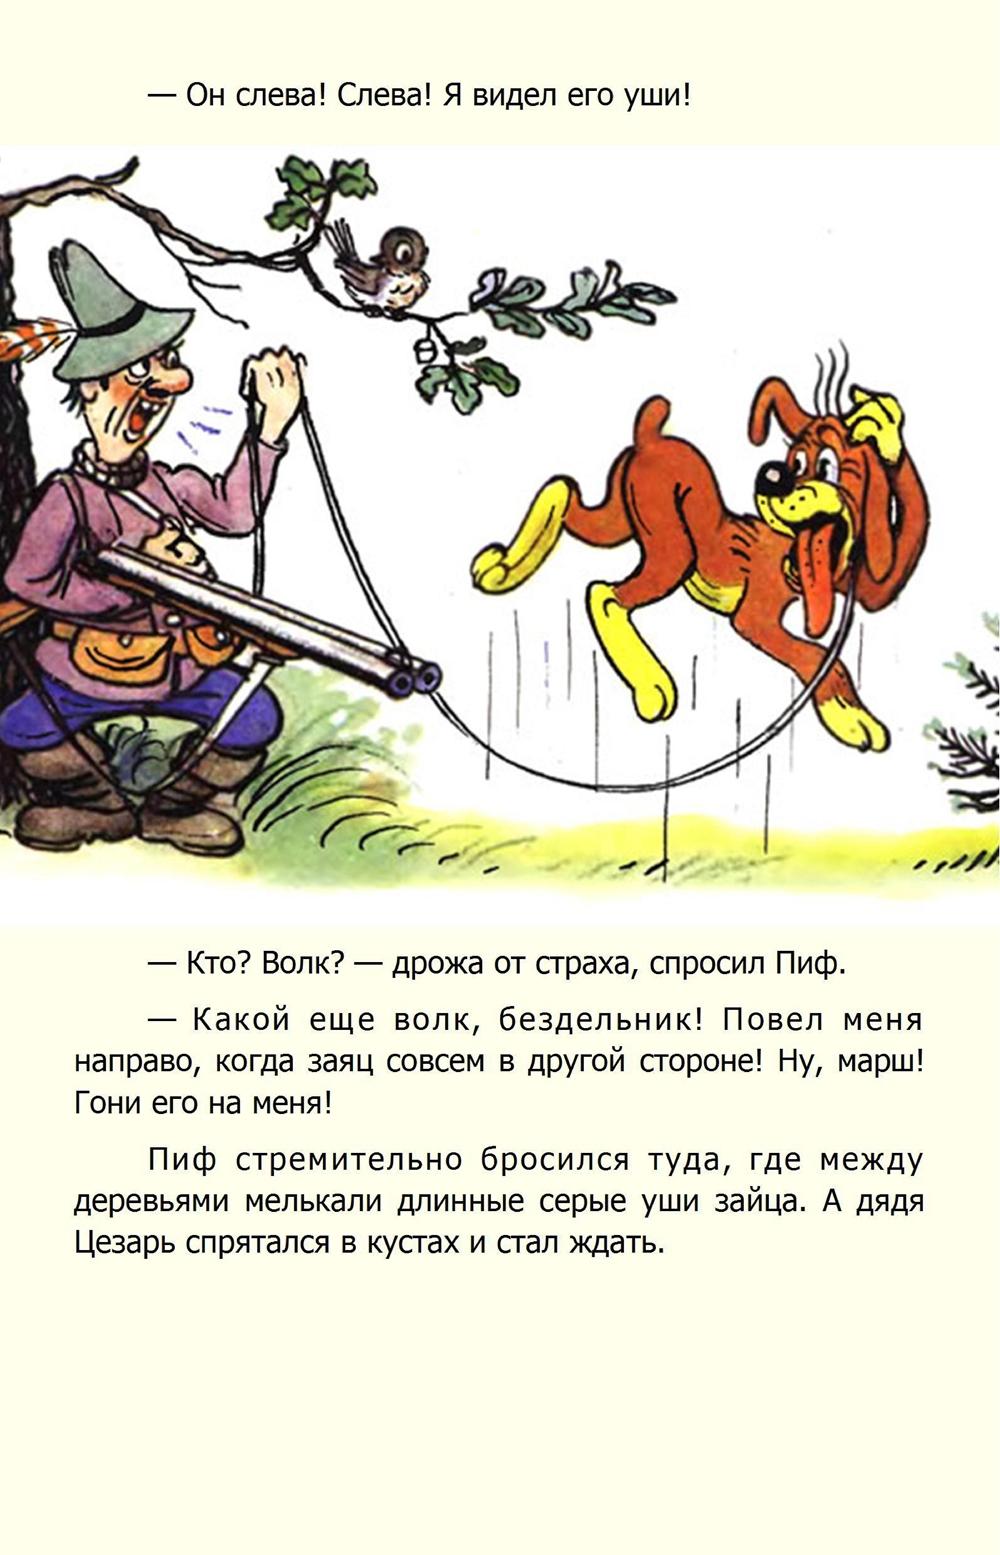 http://ipic.su/img/img7/fs/Pif_RG.1597060502.jpg